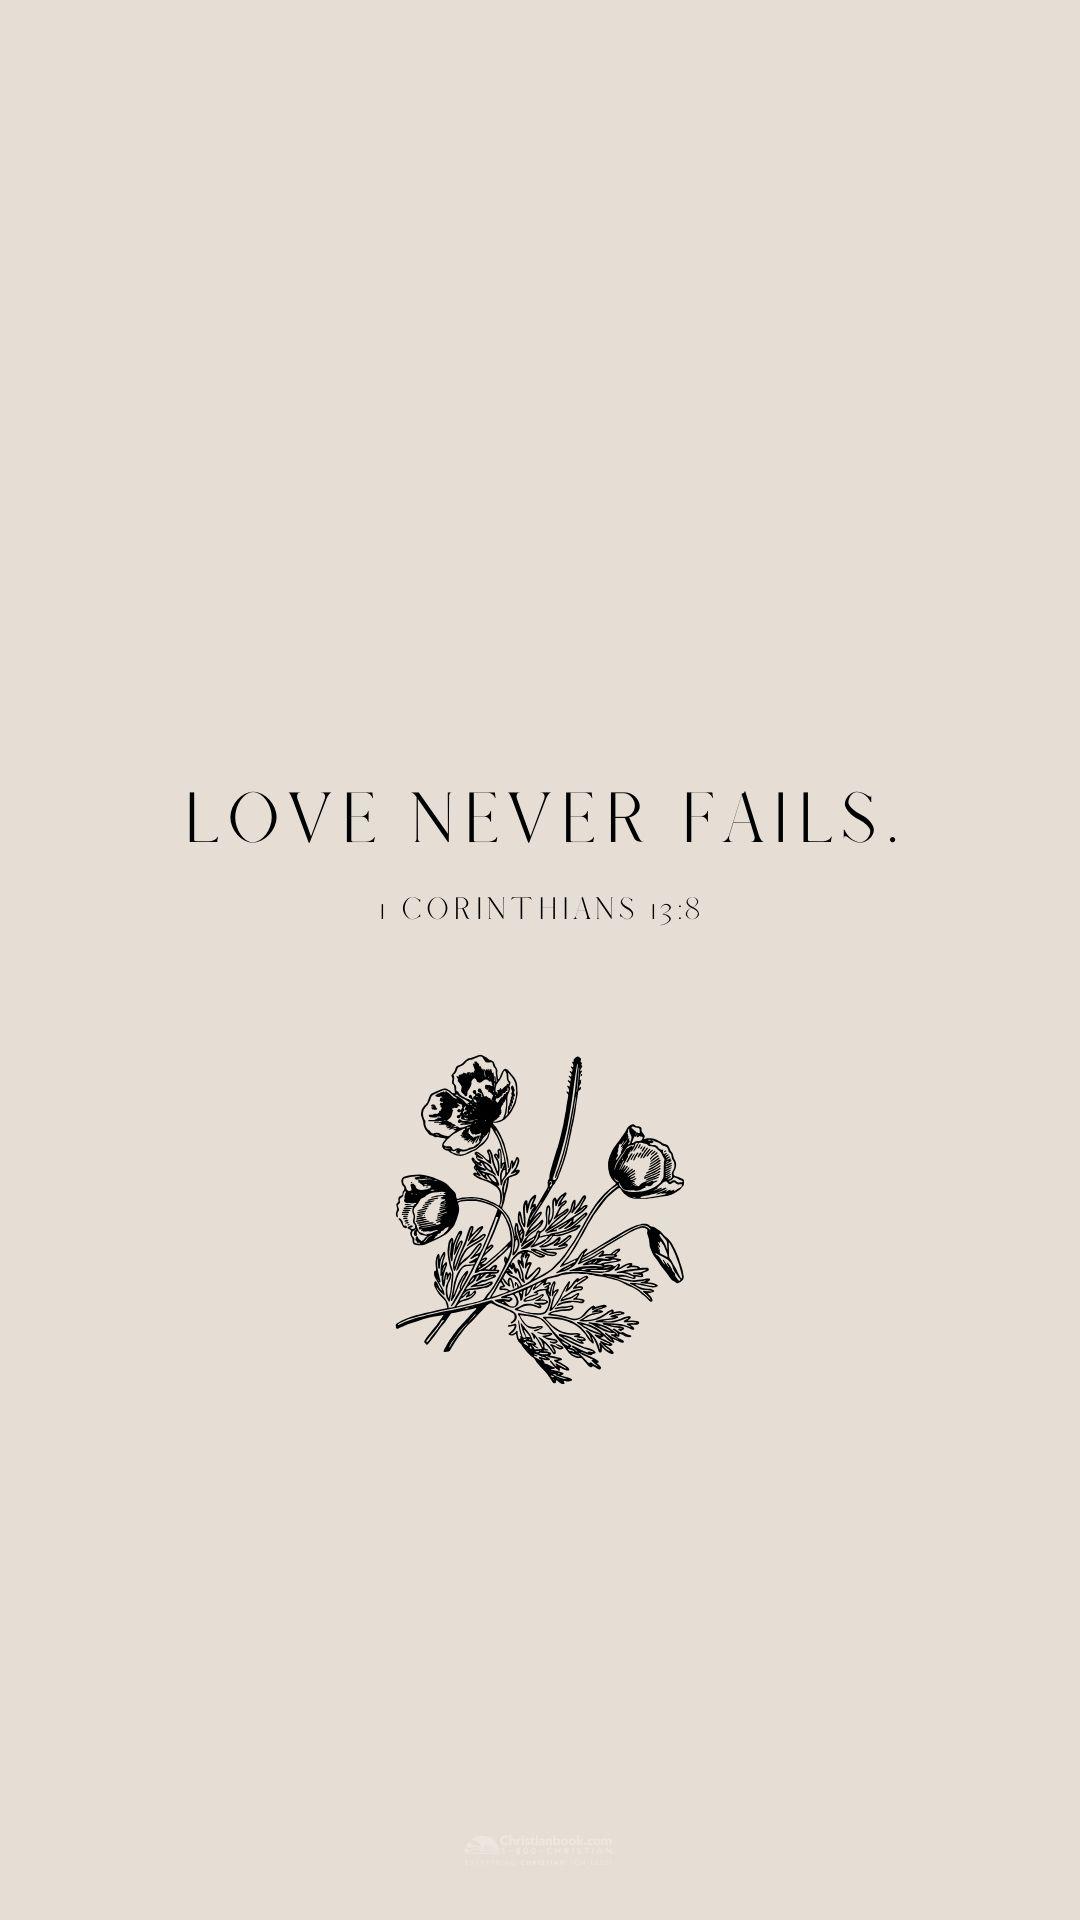 Love Never Fails // Wallpaper